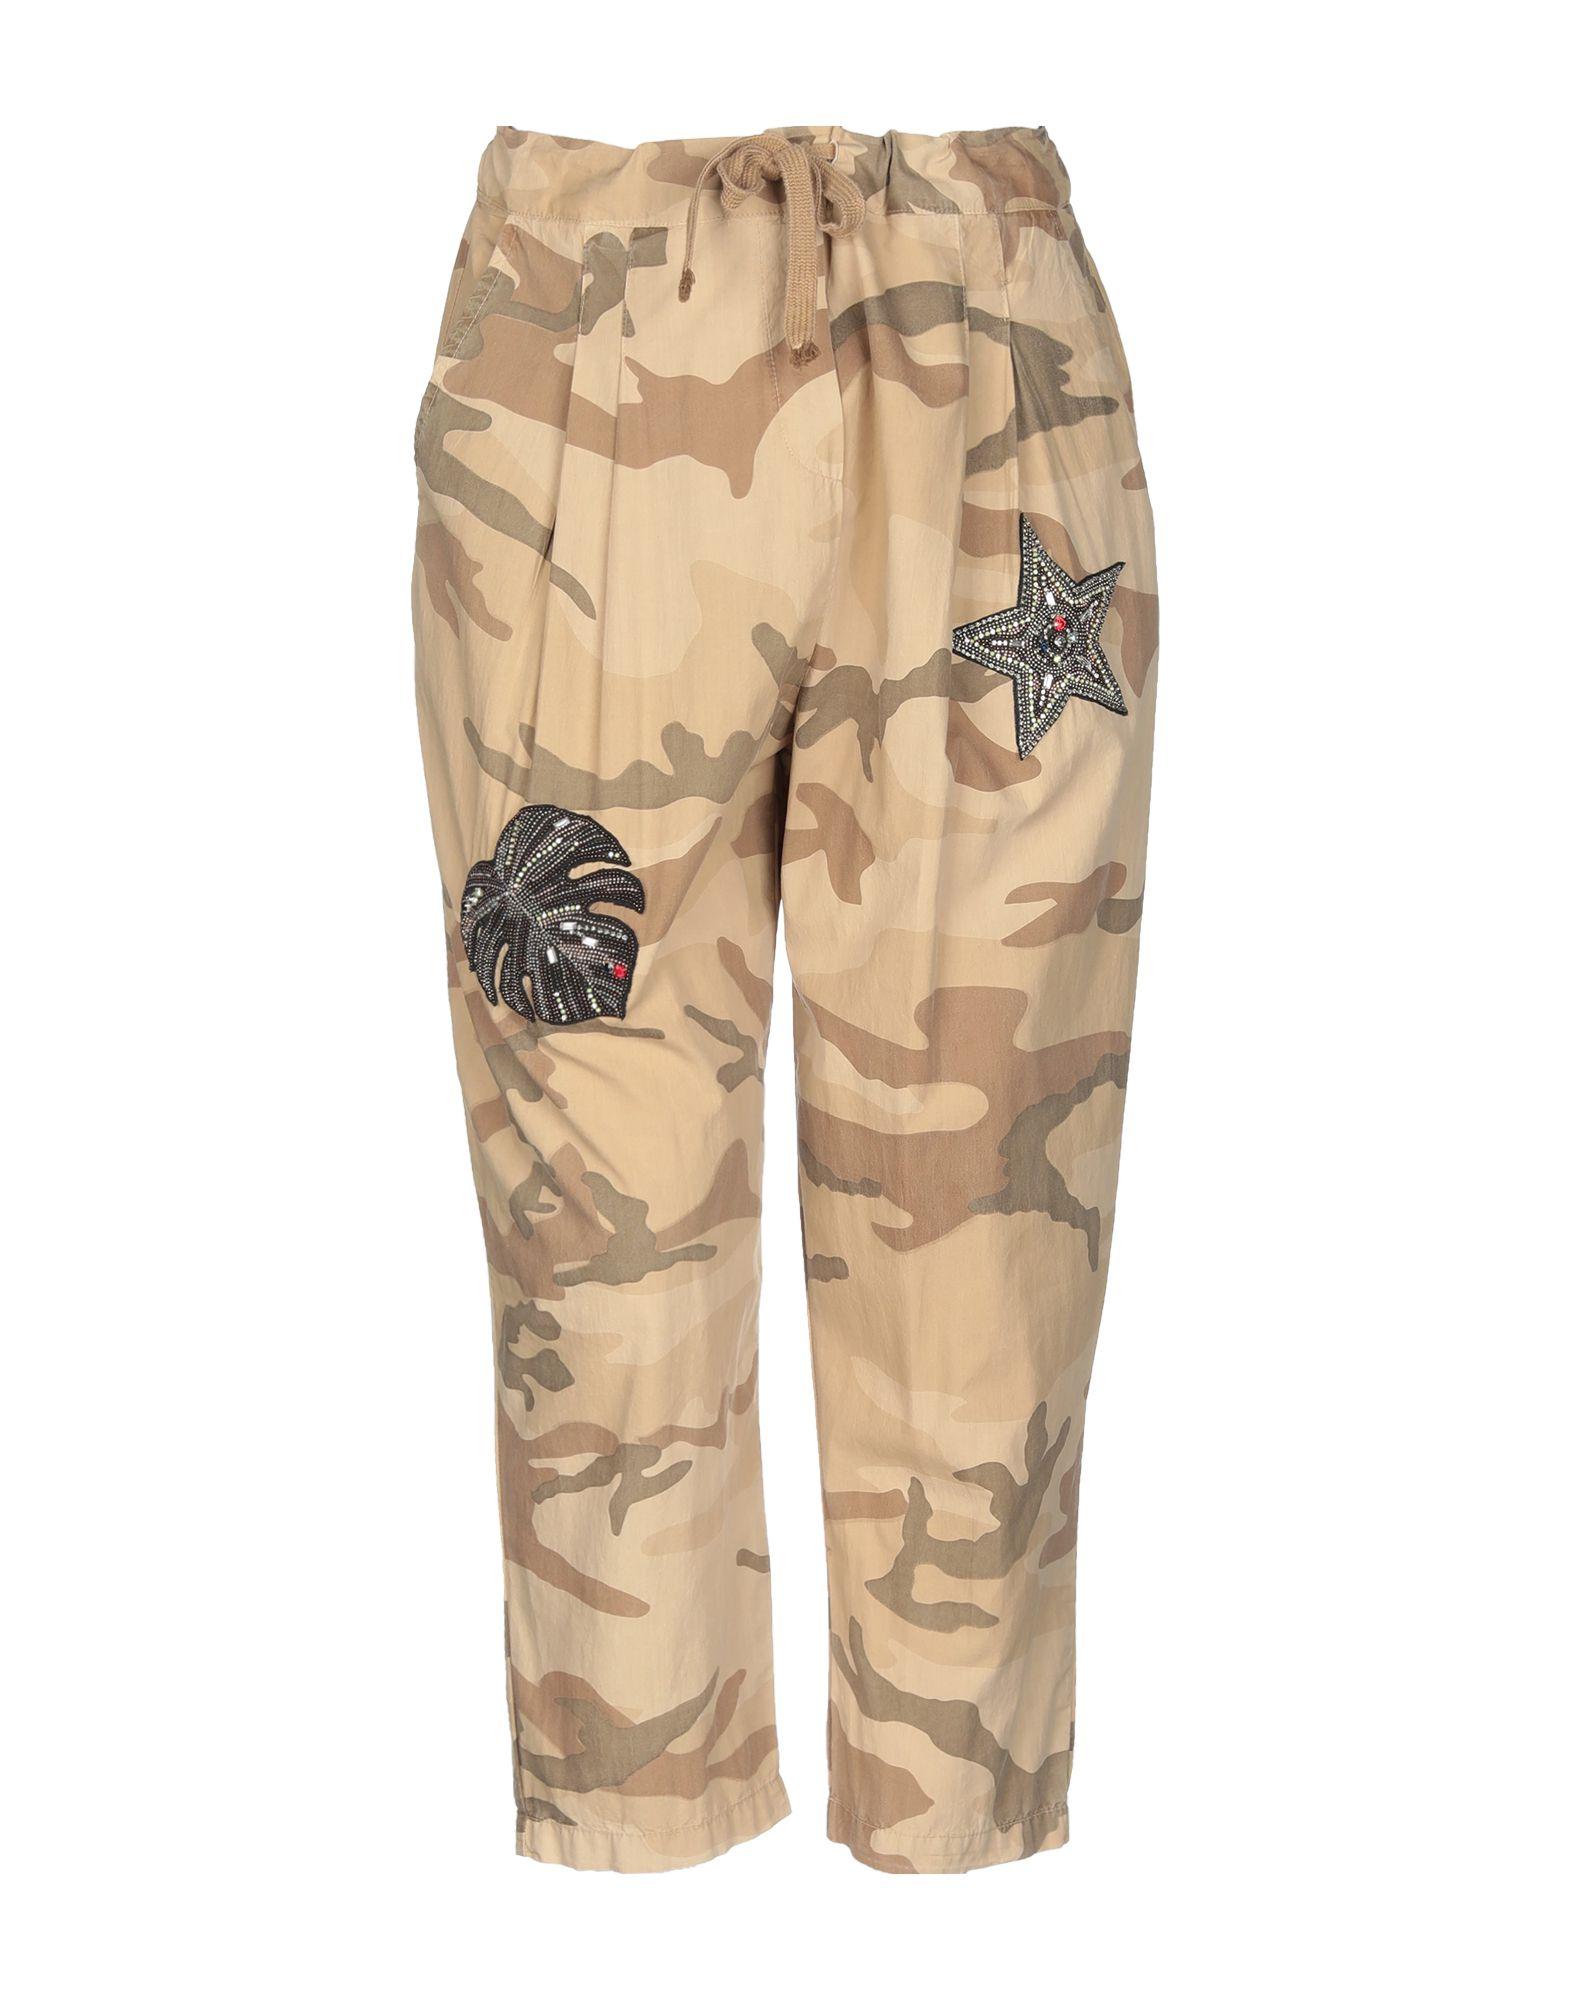 Pantalone Taperot Brand Unique damen - 13274034IL